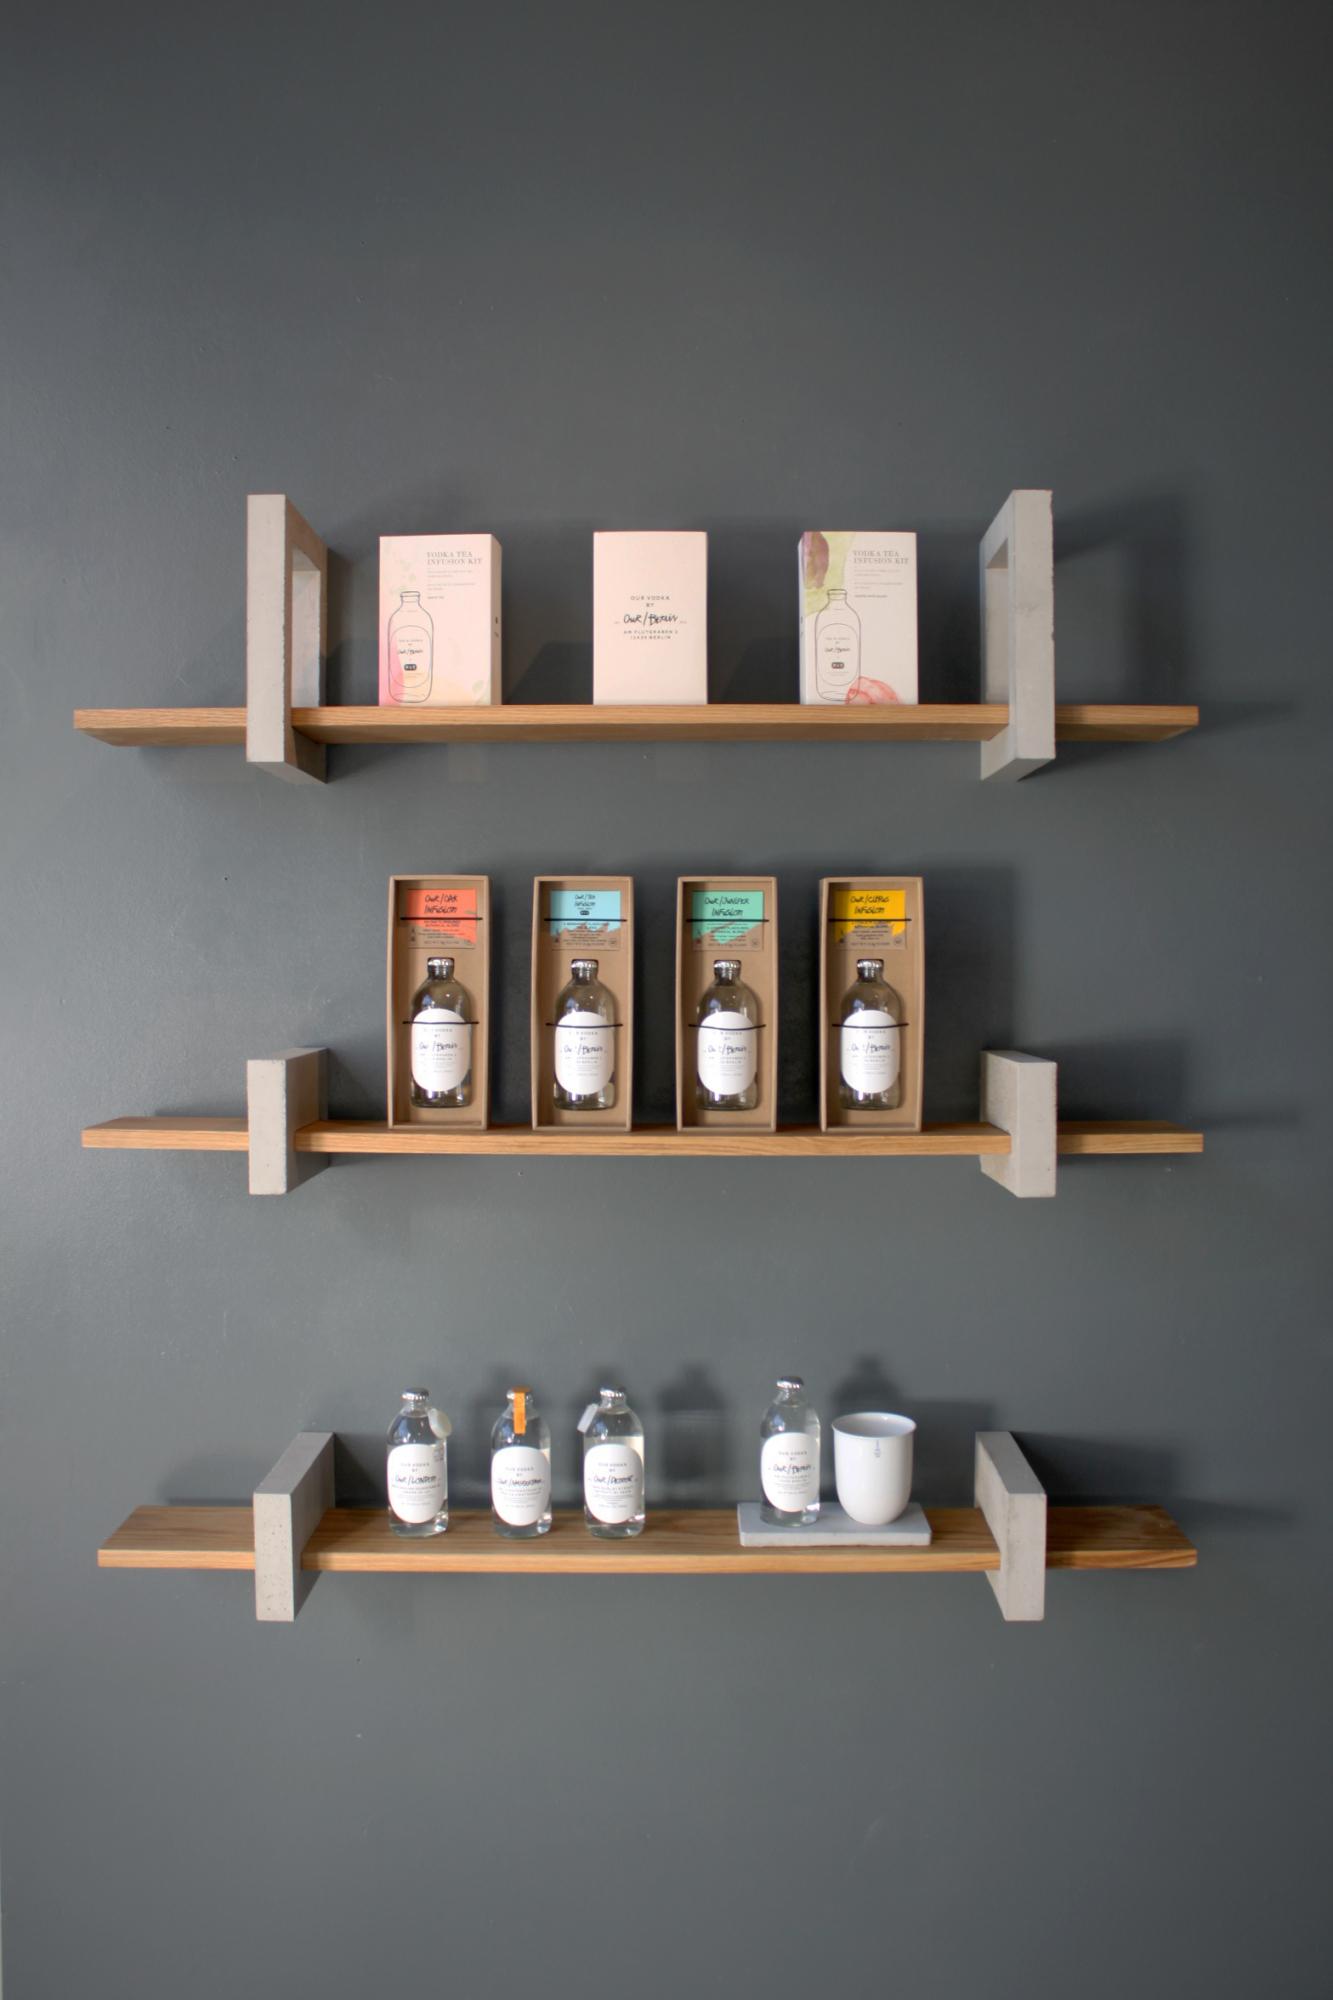 Shelf inside